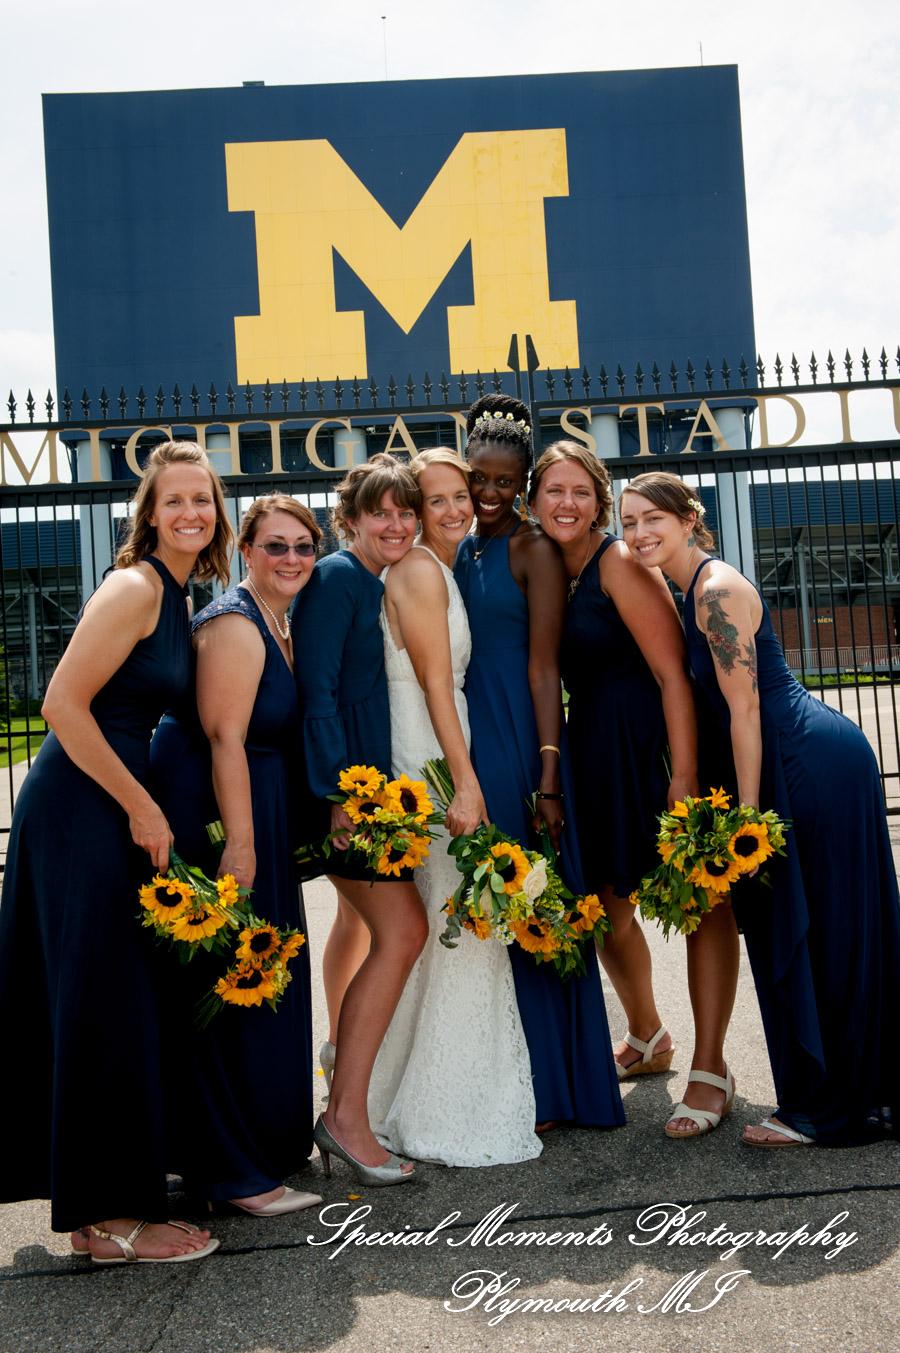 The Big House Ann Arbor MI wedding photograph